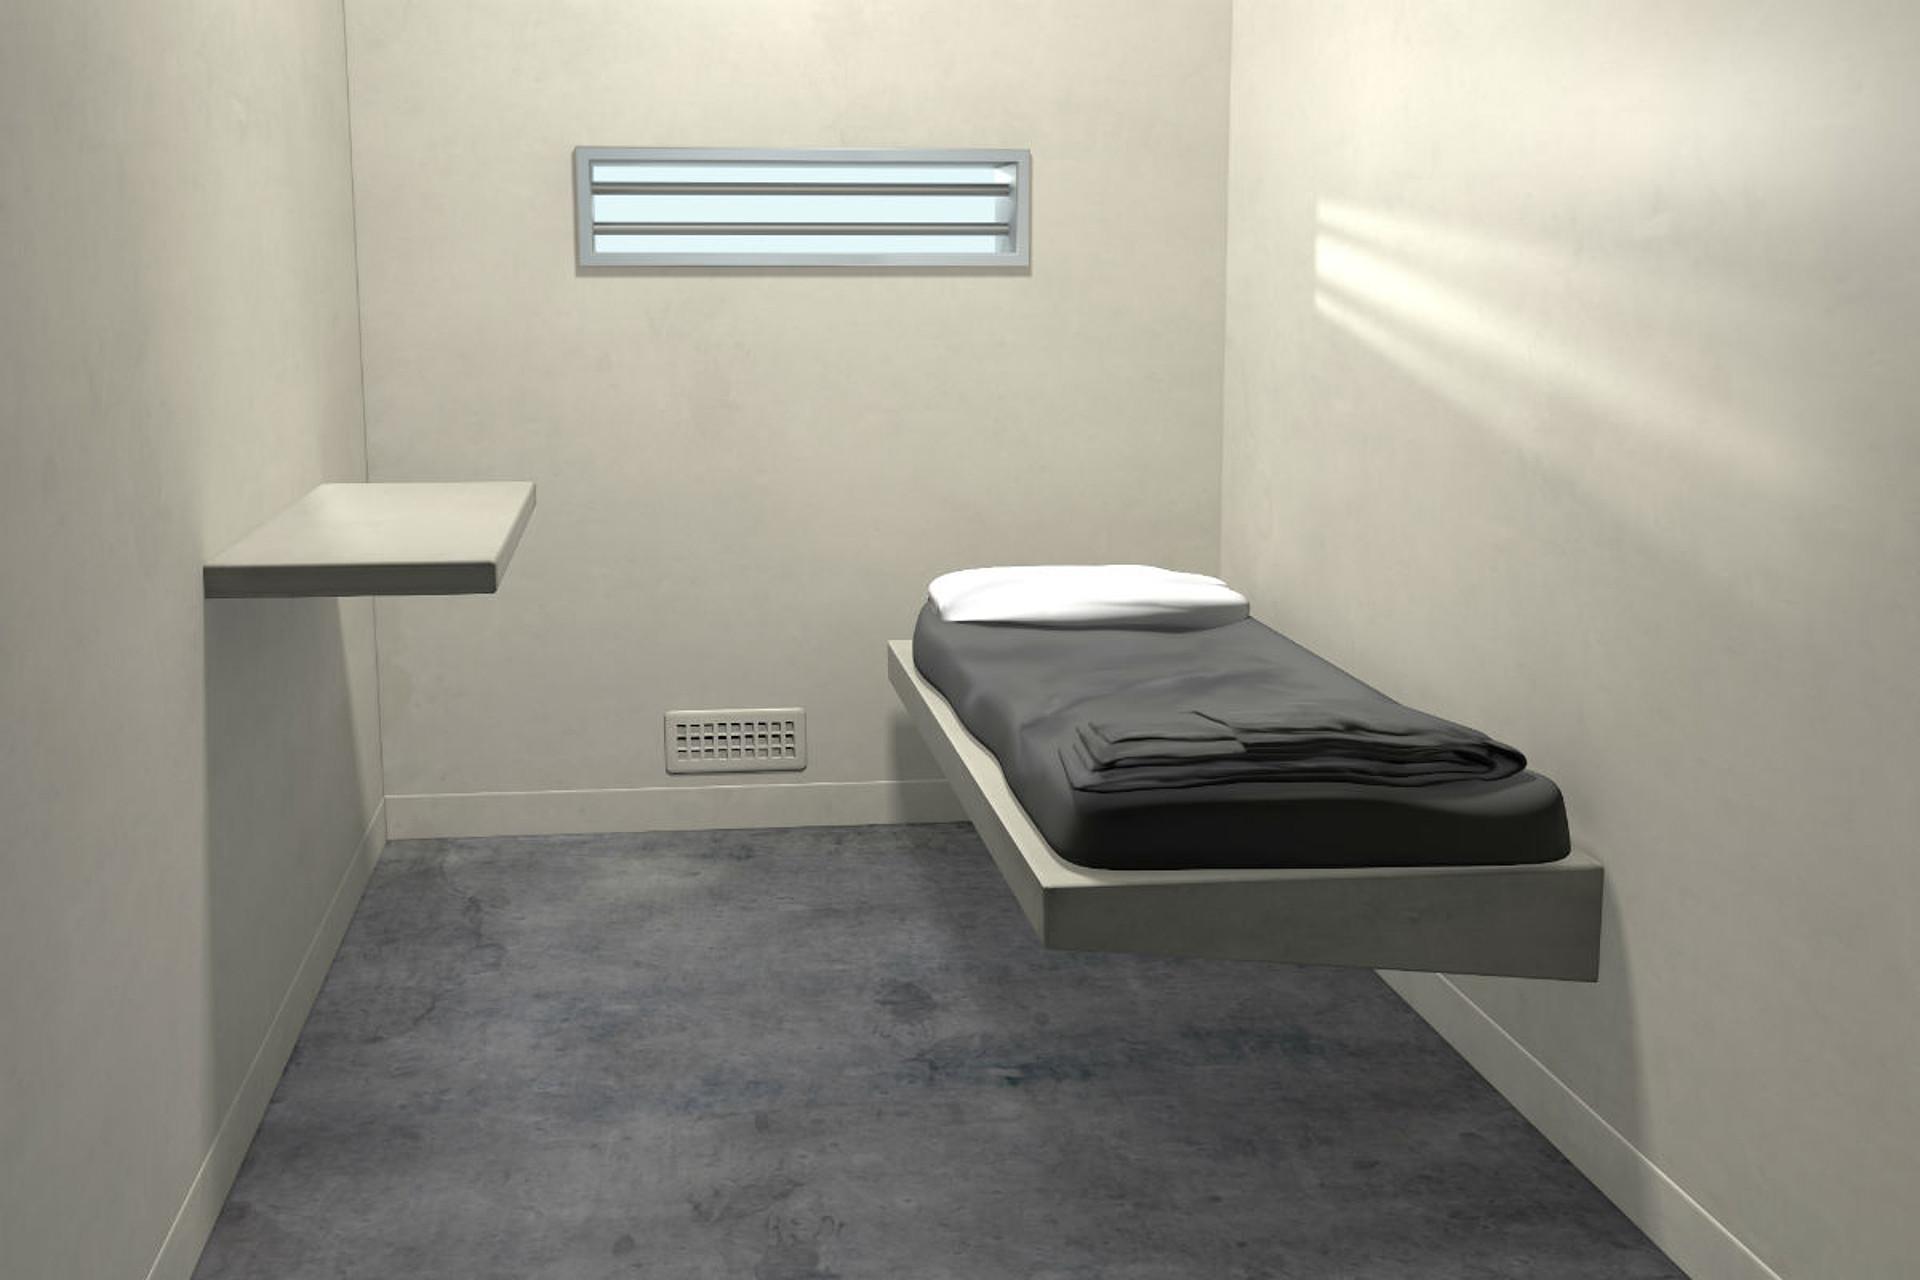 Unterkunft Übernachten im Gefängnis – an diesen Orten ist es möglich